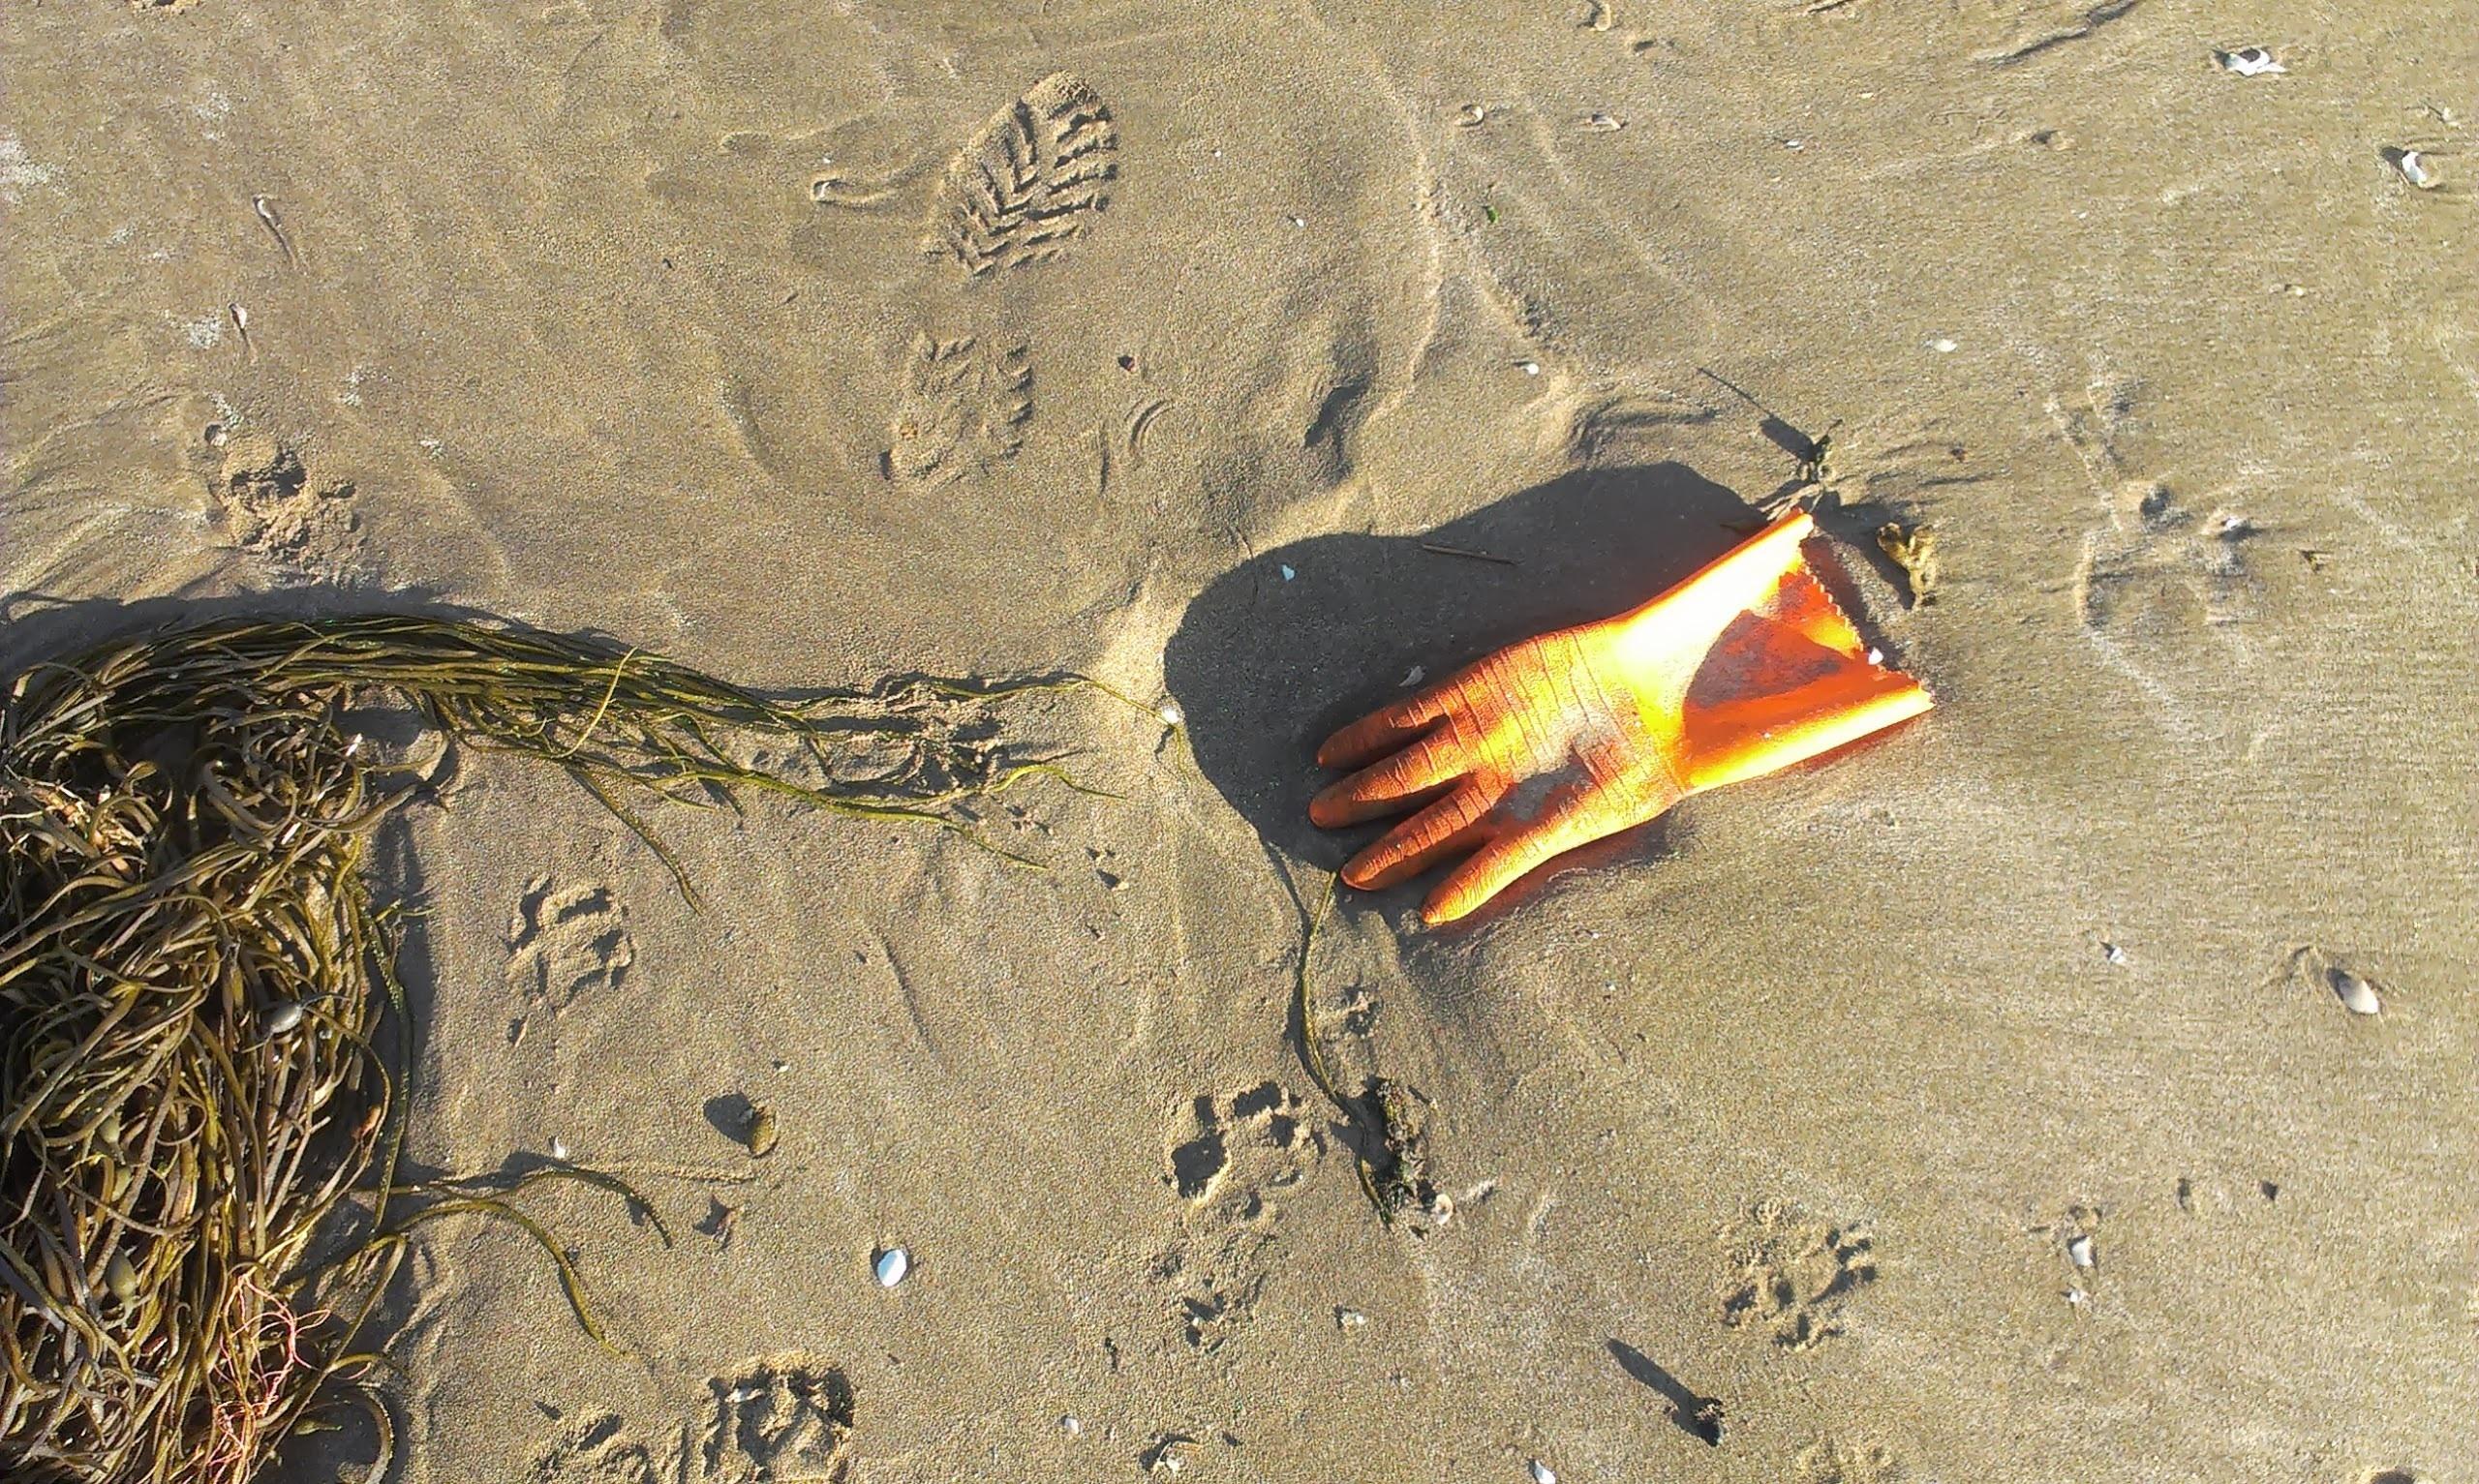 orange rubber glove